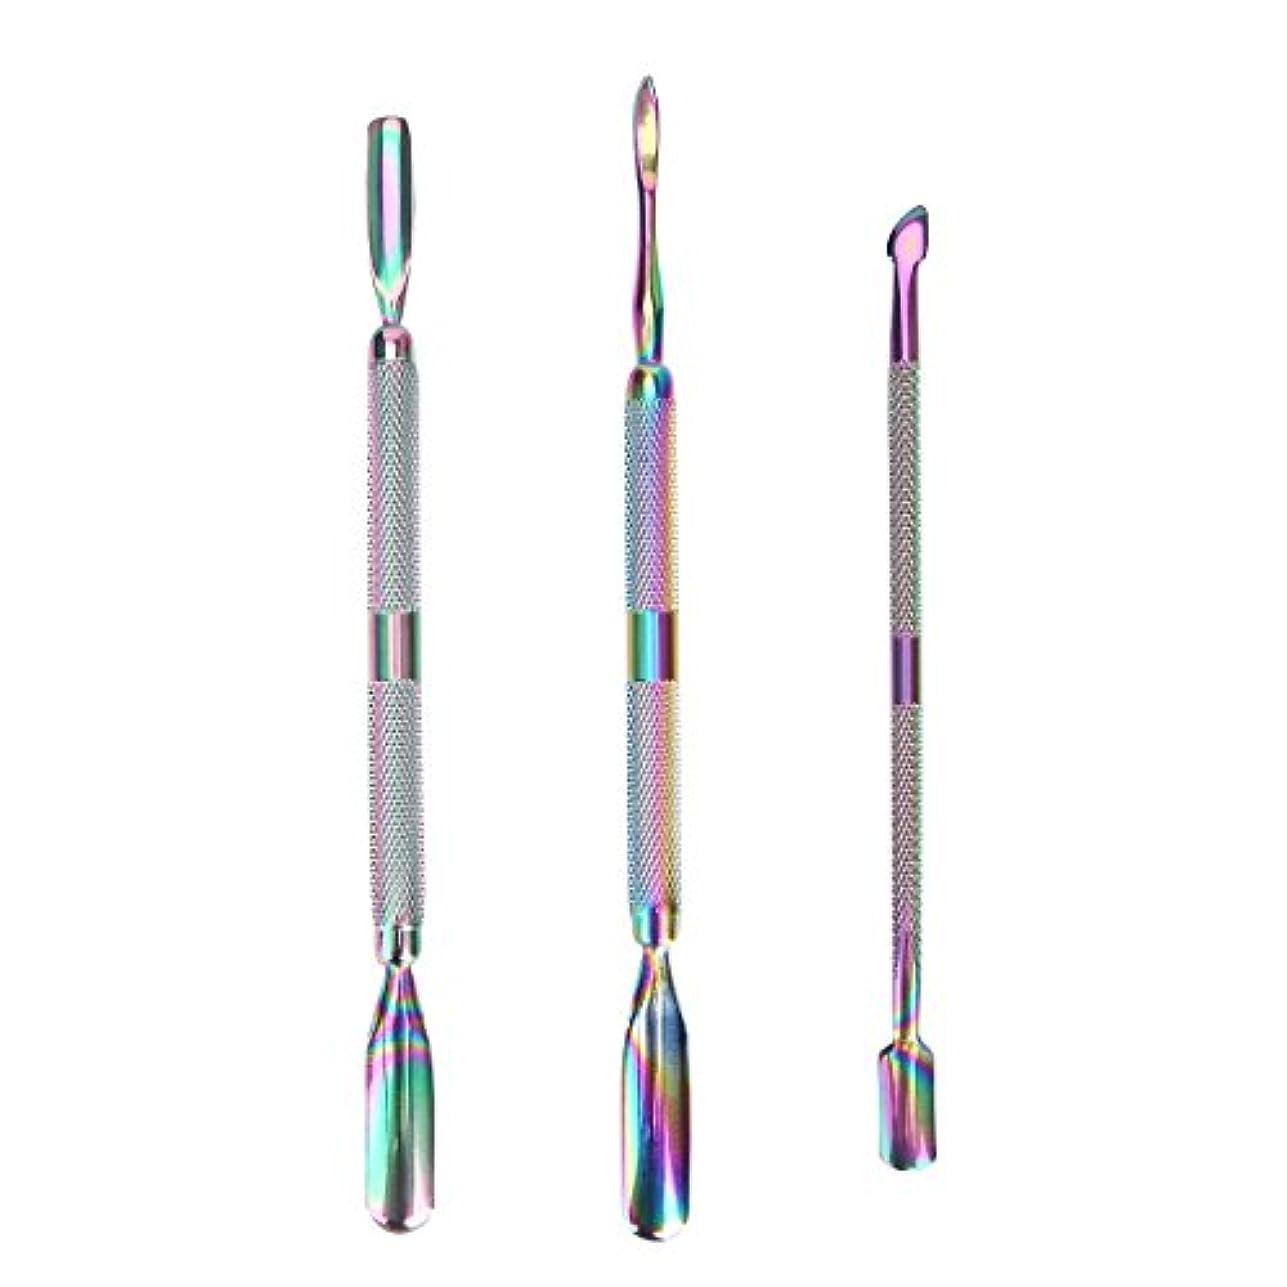 理論分離植物学3 Pcs/set Rainbow Stainless Steel Dual End Nail Art Dead Skin Cuticle Remover Pusher Spoon Pedicure Manicure Care...